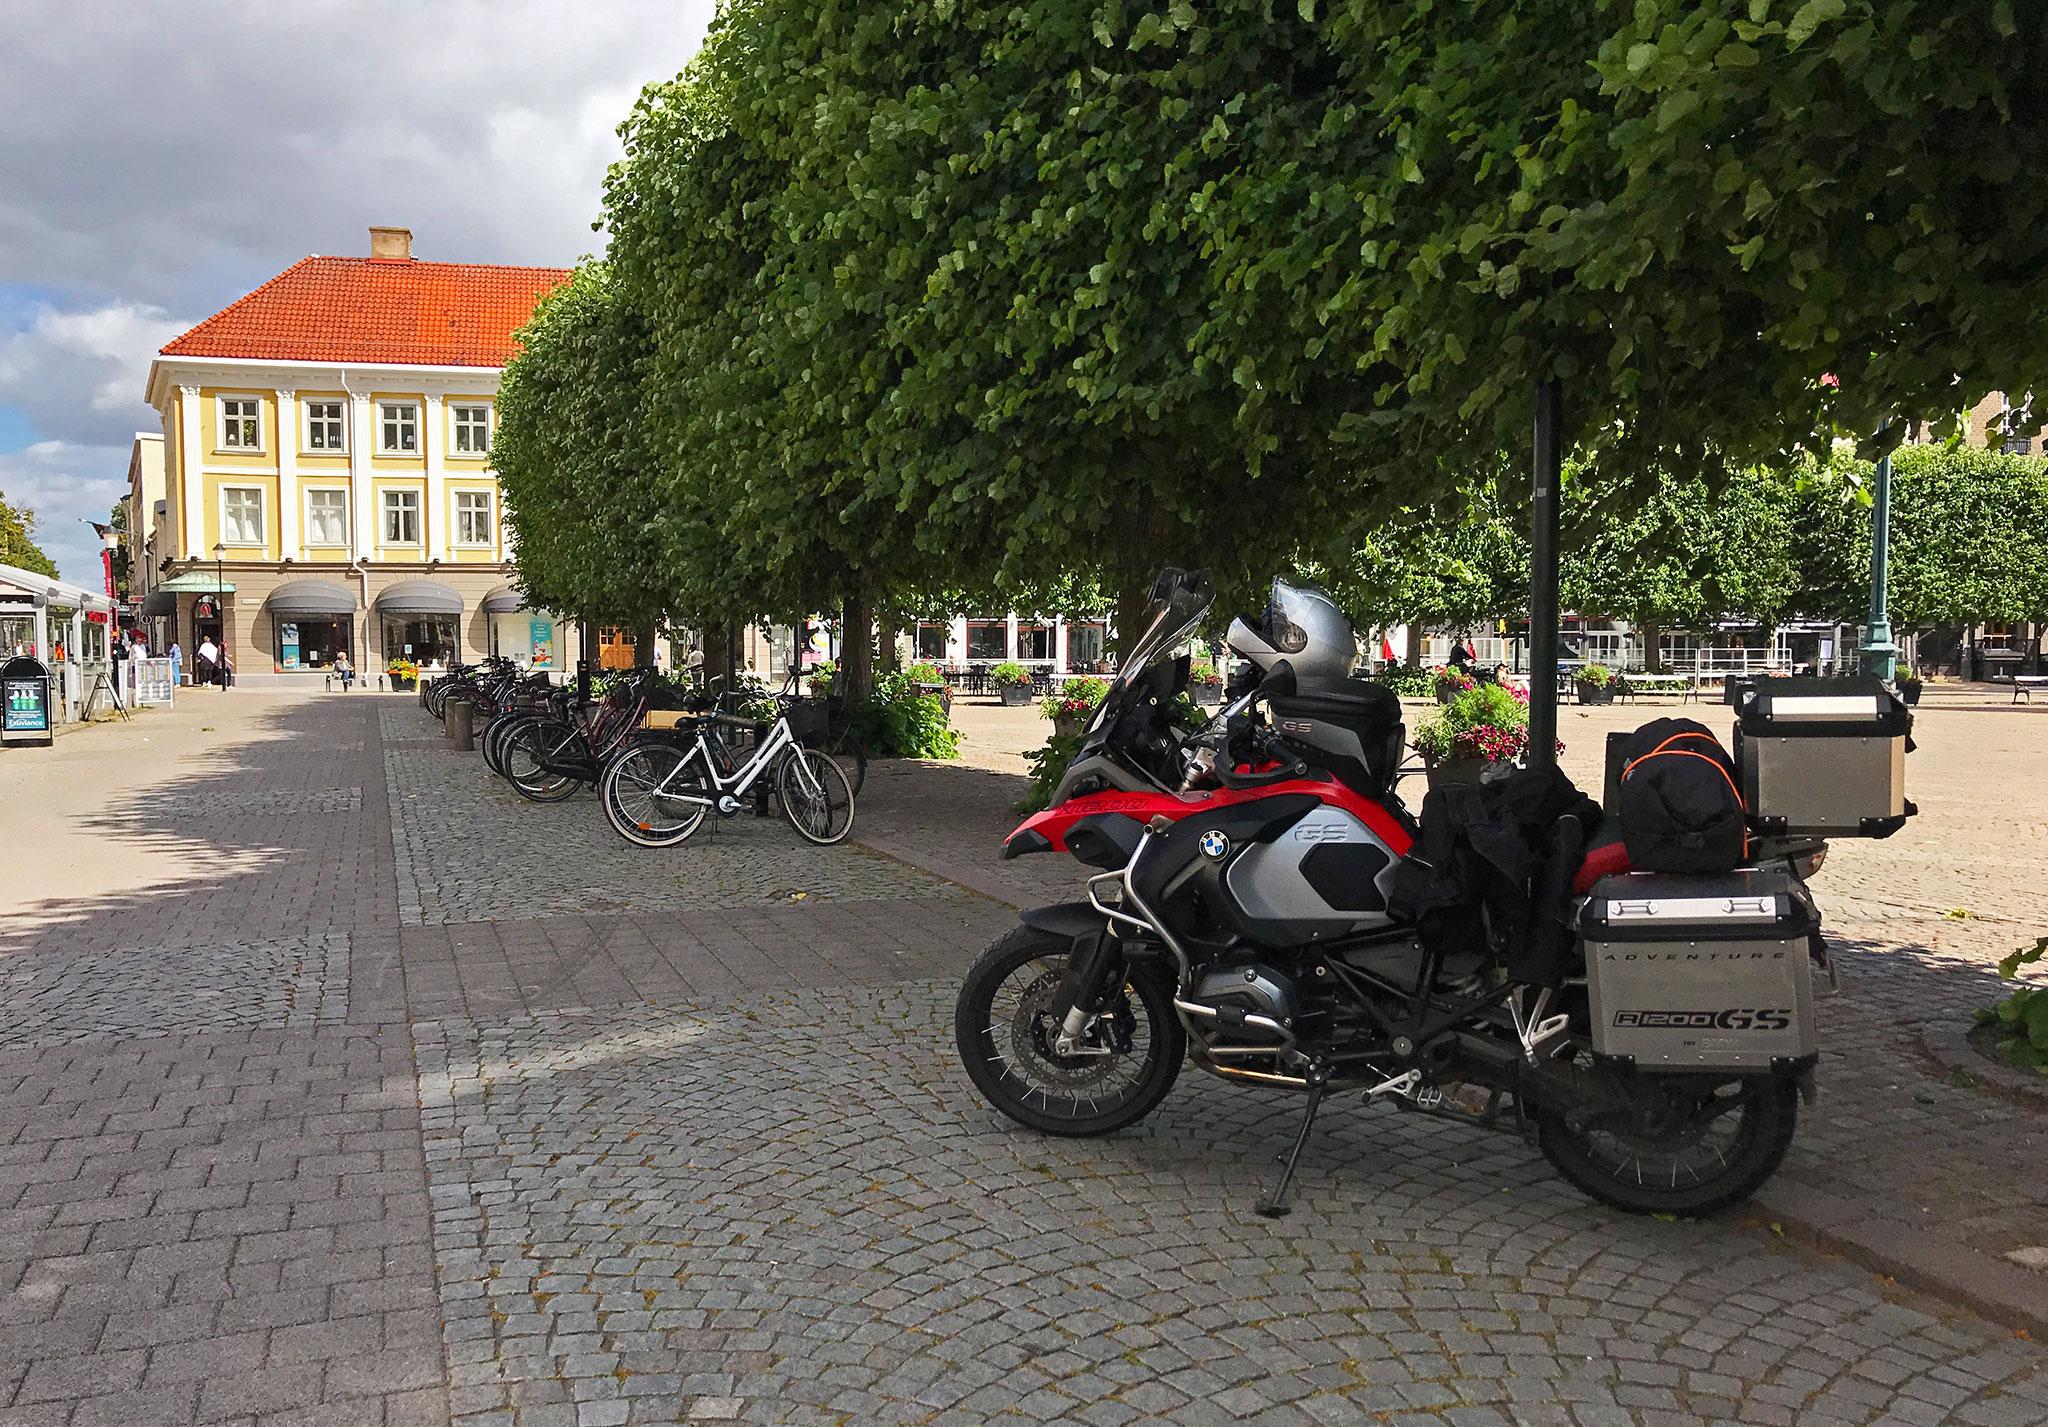 Main square in Landskrona